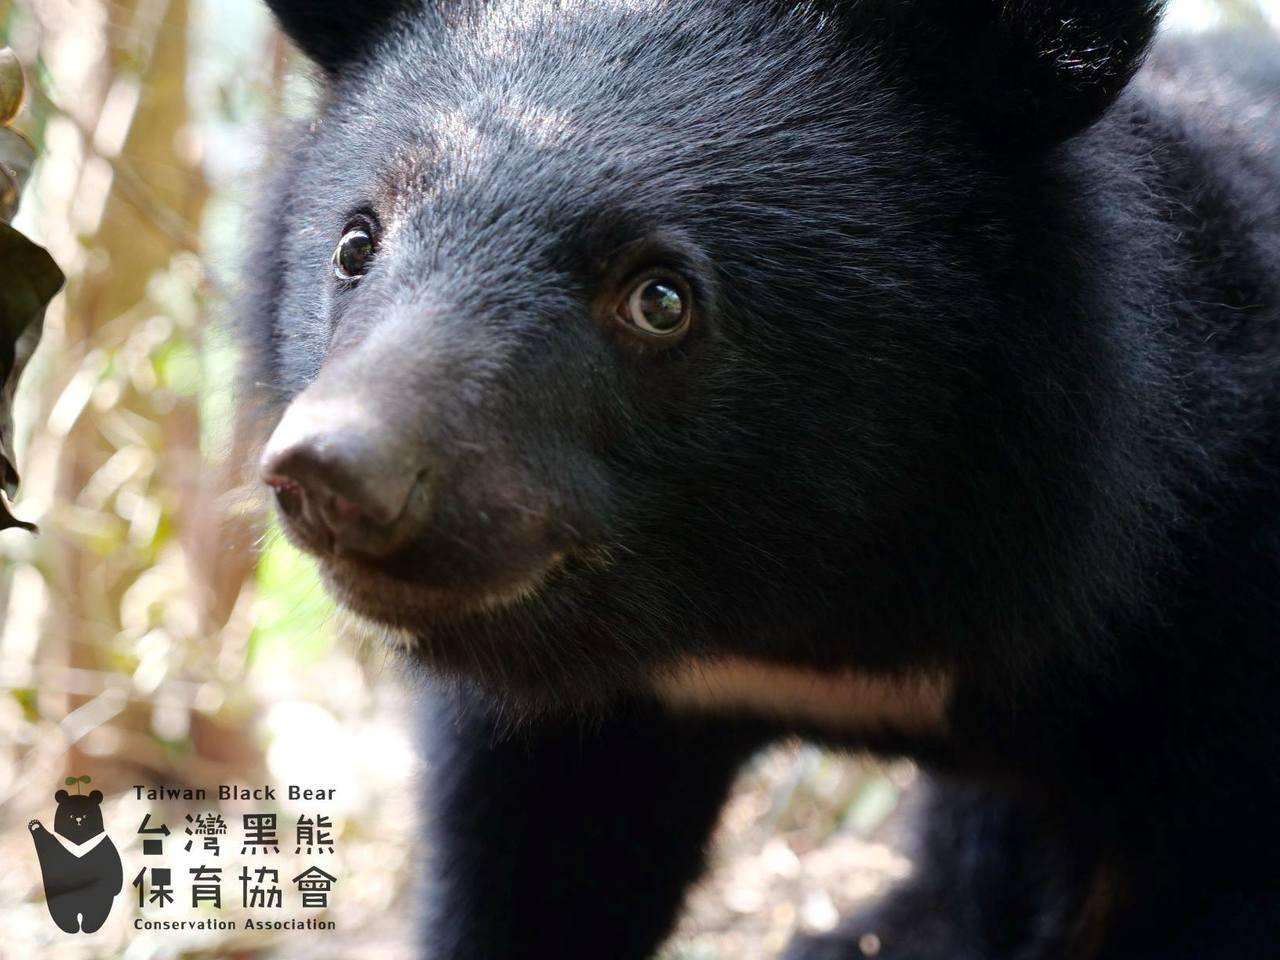 去年十月底剛做完健檢的南安小熊妹仔。圖/取自台灣黑熊保育協會臉書專頁